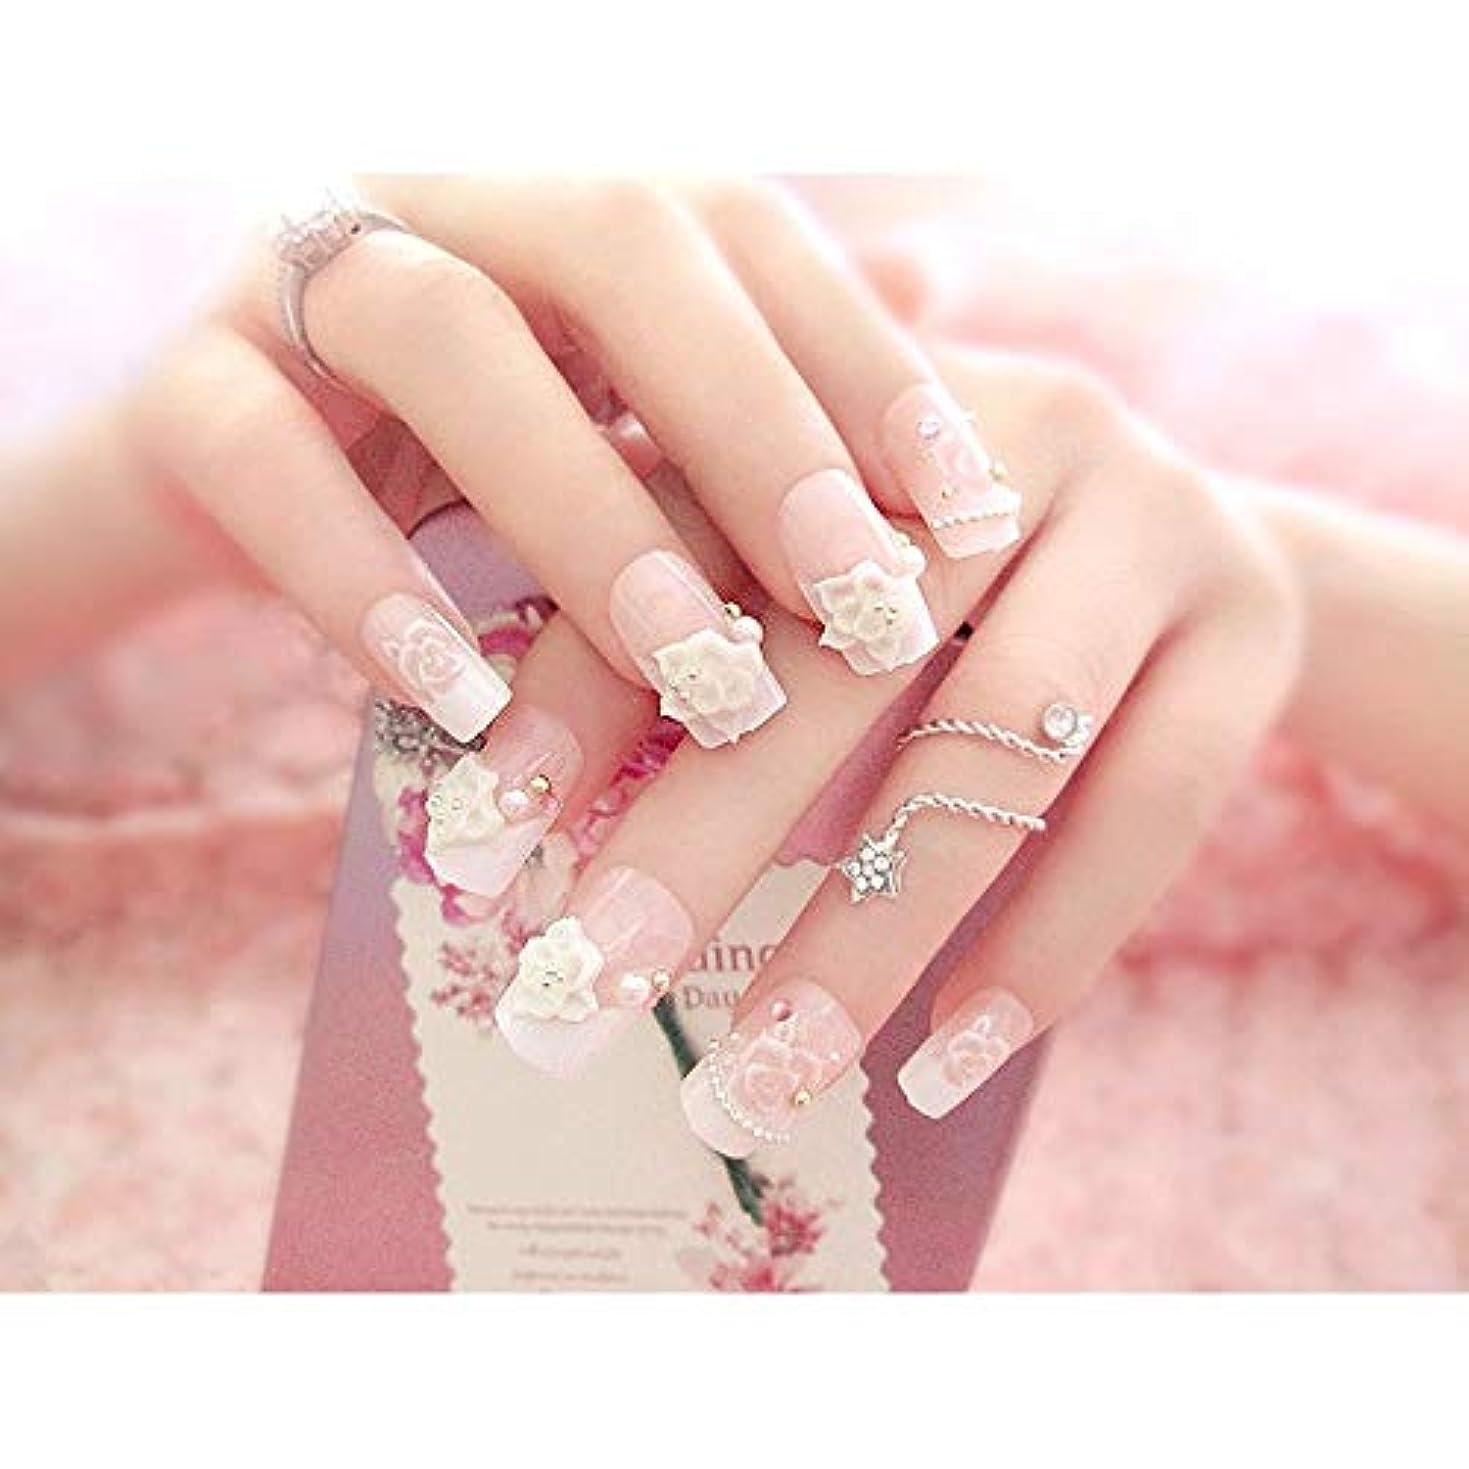 期間合法誓うTAALESET ホワイト+ピンクは、偽の釘24ピース箱入りフェイクネイルパール花の花嫁ネイルステッカーを完成しました (色 : 24 pieces)